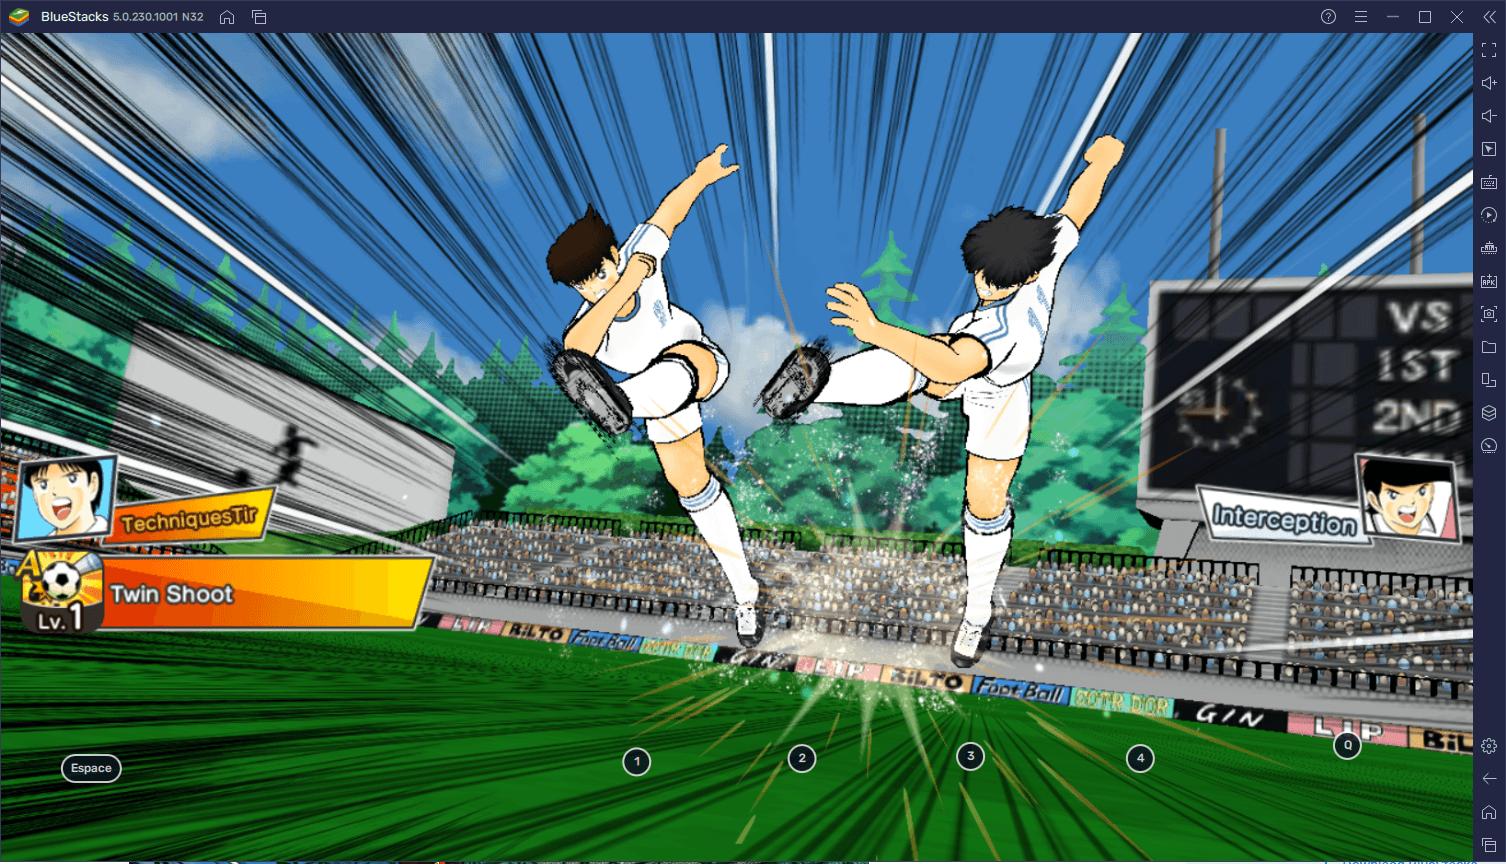 Conseils et Astuces pour Captain Tsubasa: Dream Team sur PC